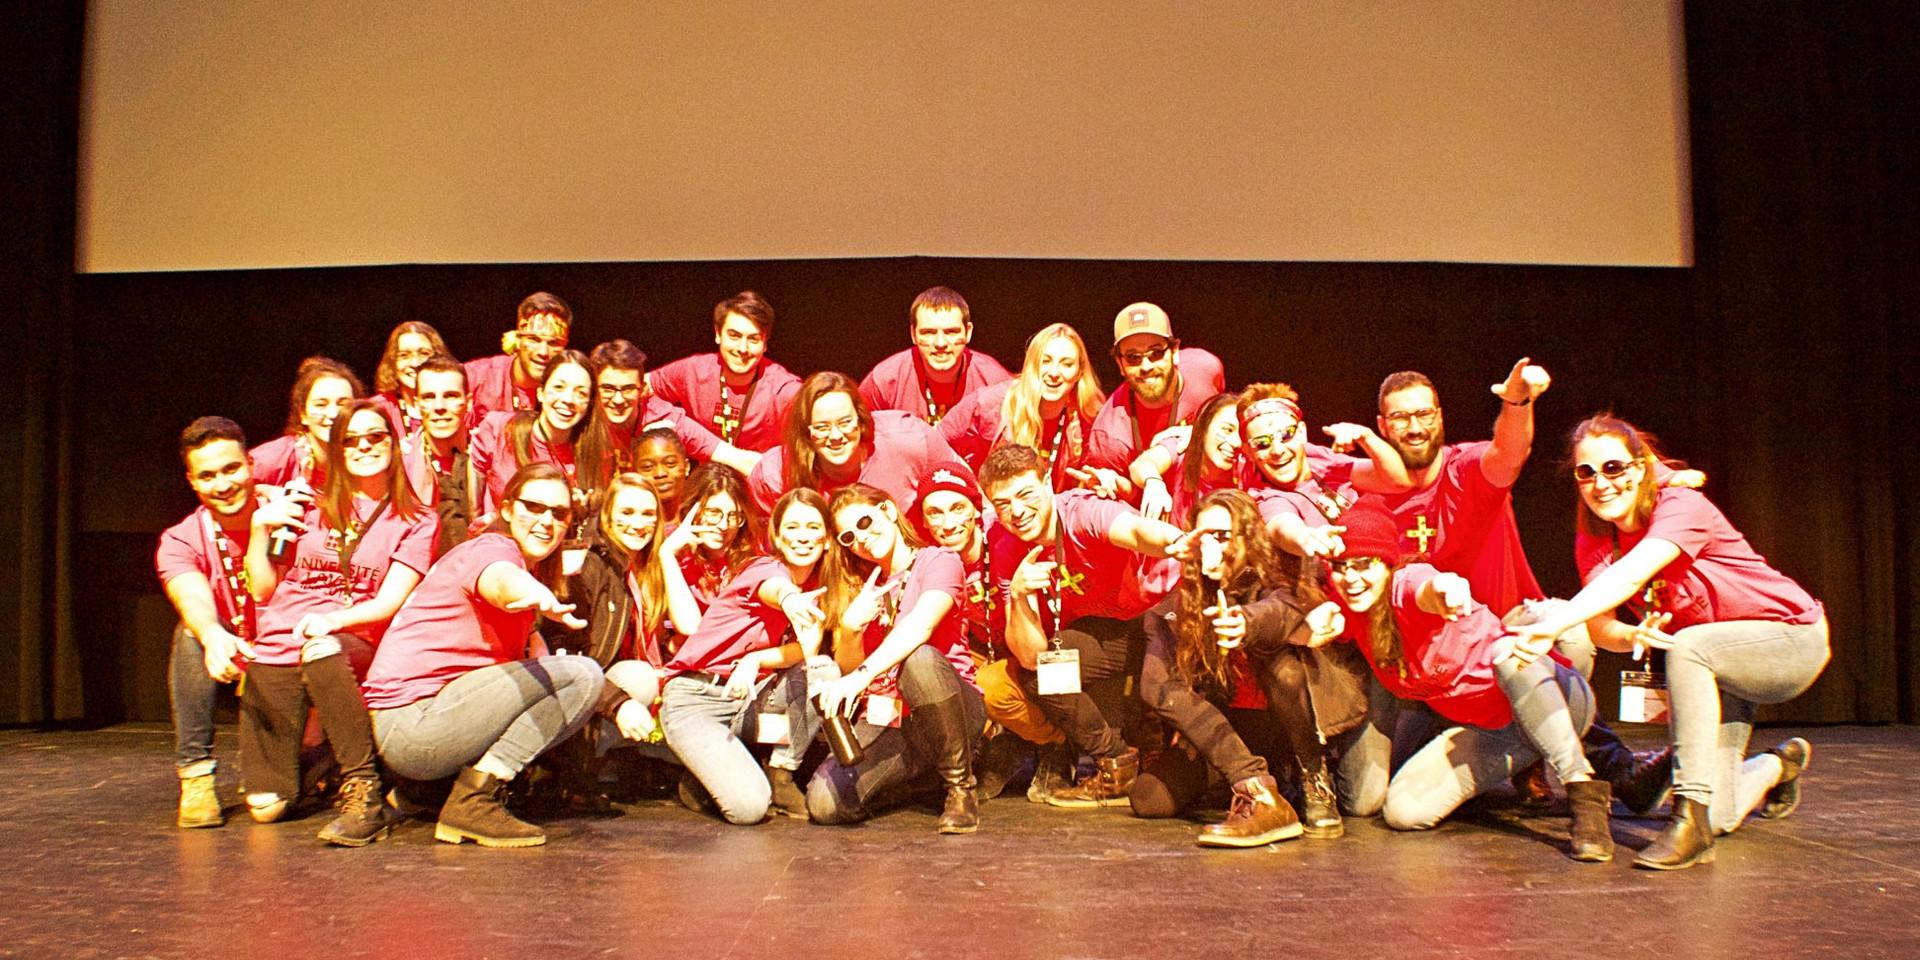 Université Laval delegation